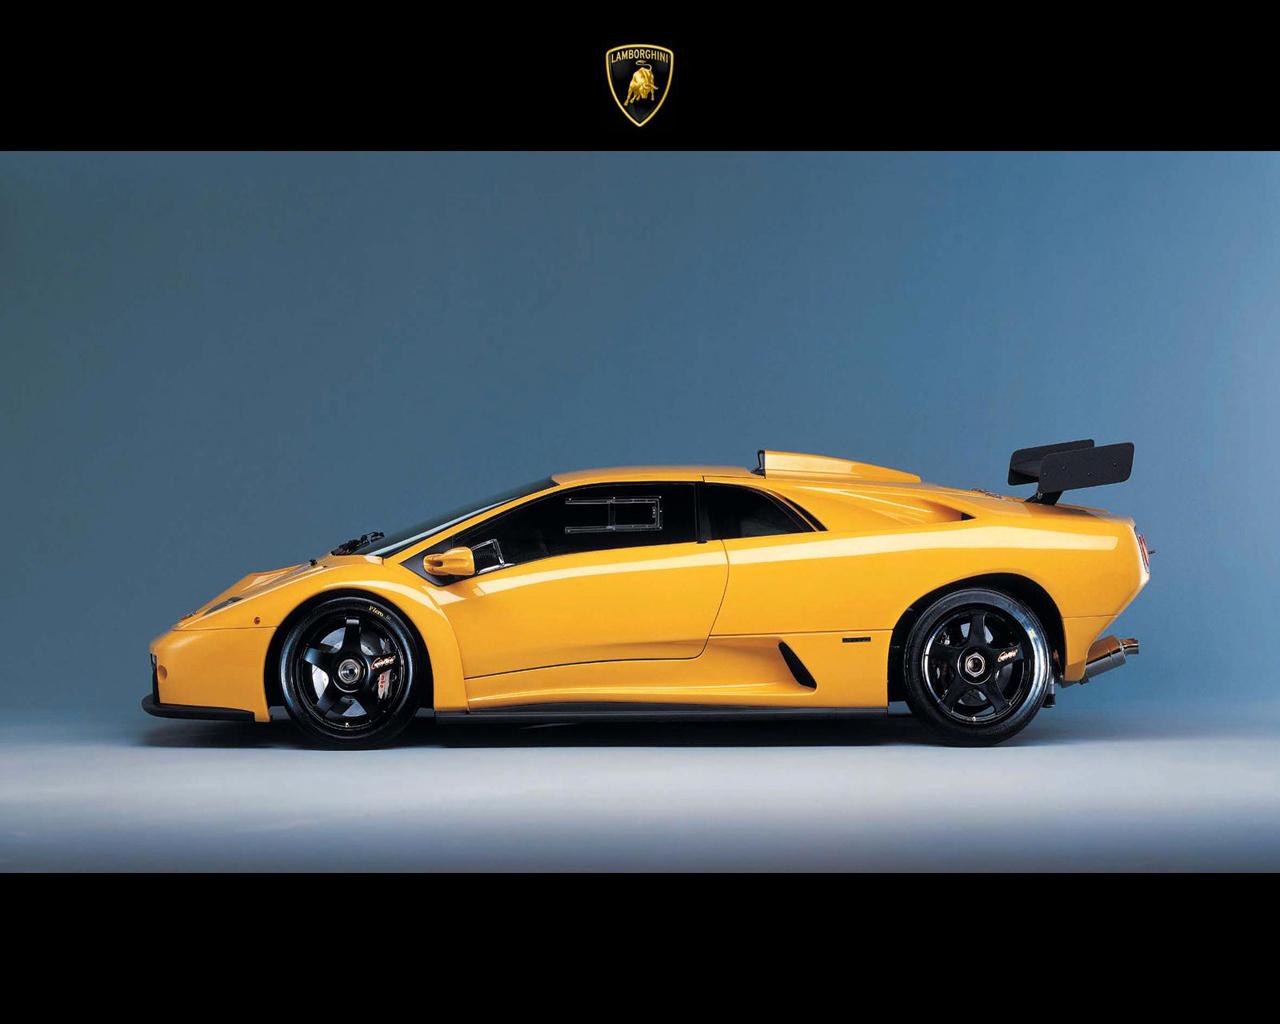 An41 Lamborghini Car Exotic White Art: Lamborghini Sports Car Clipart